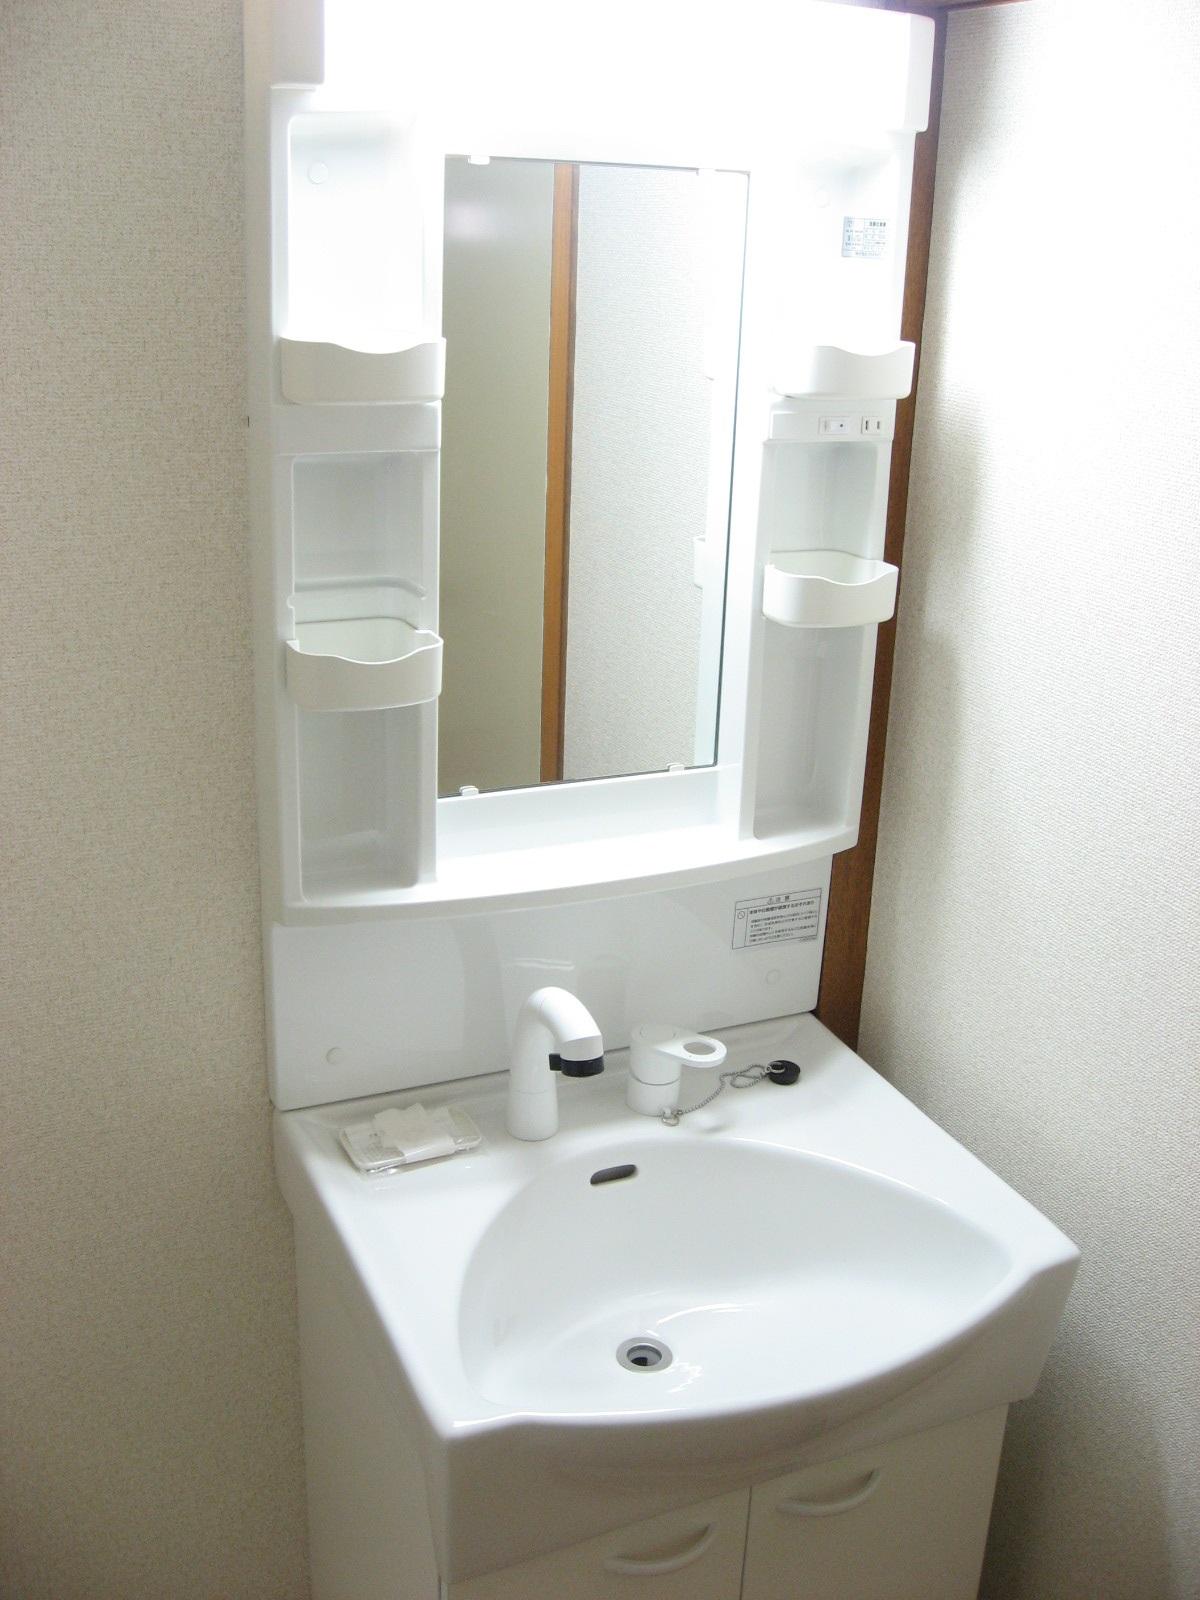 洗面所 新品の洗面台で洗顔が気持ち良いです!